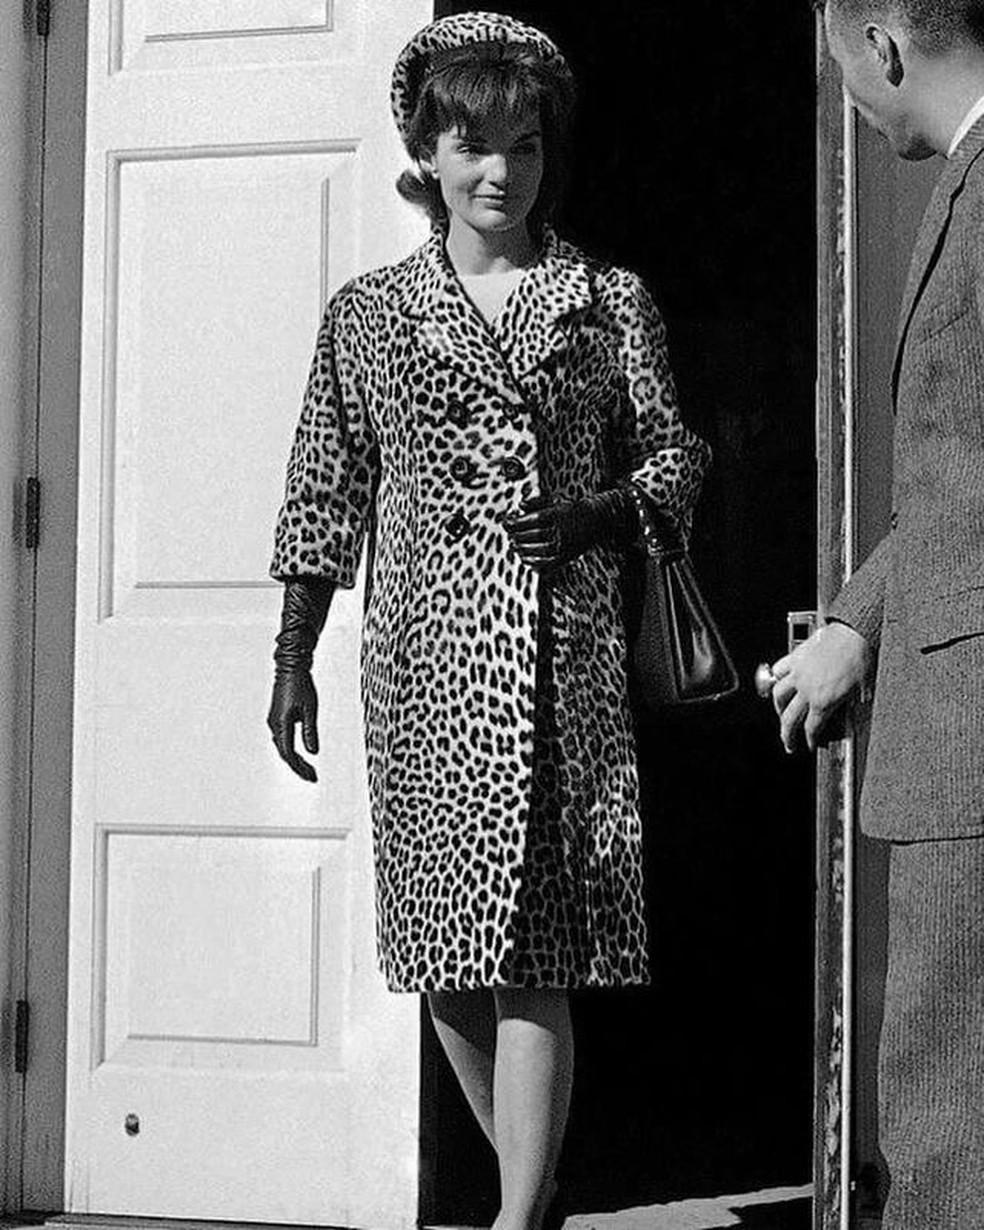 Em 1962 a primeira dama norte-americana Jacqueline Kennedy foi fotografada usando um casaco de pele e impulsionou o comércio desse artigo no mundo— Foto: Divulgação/Internet